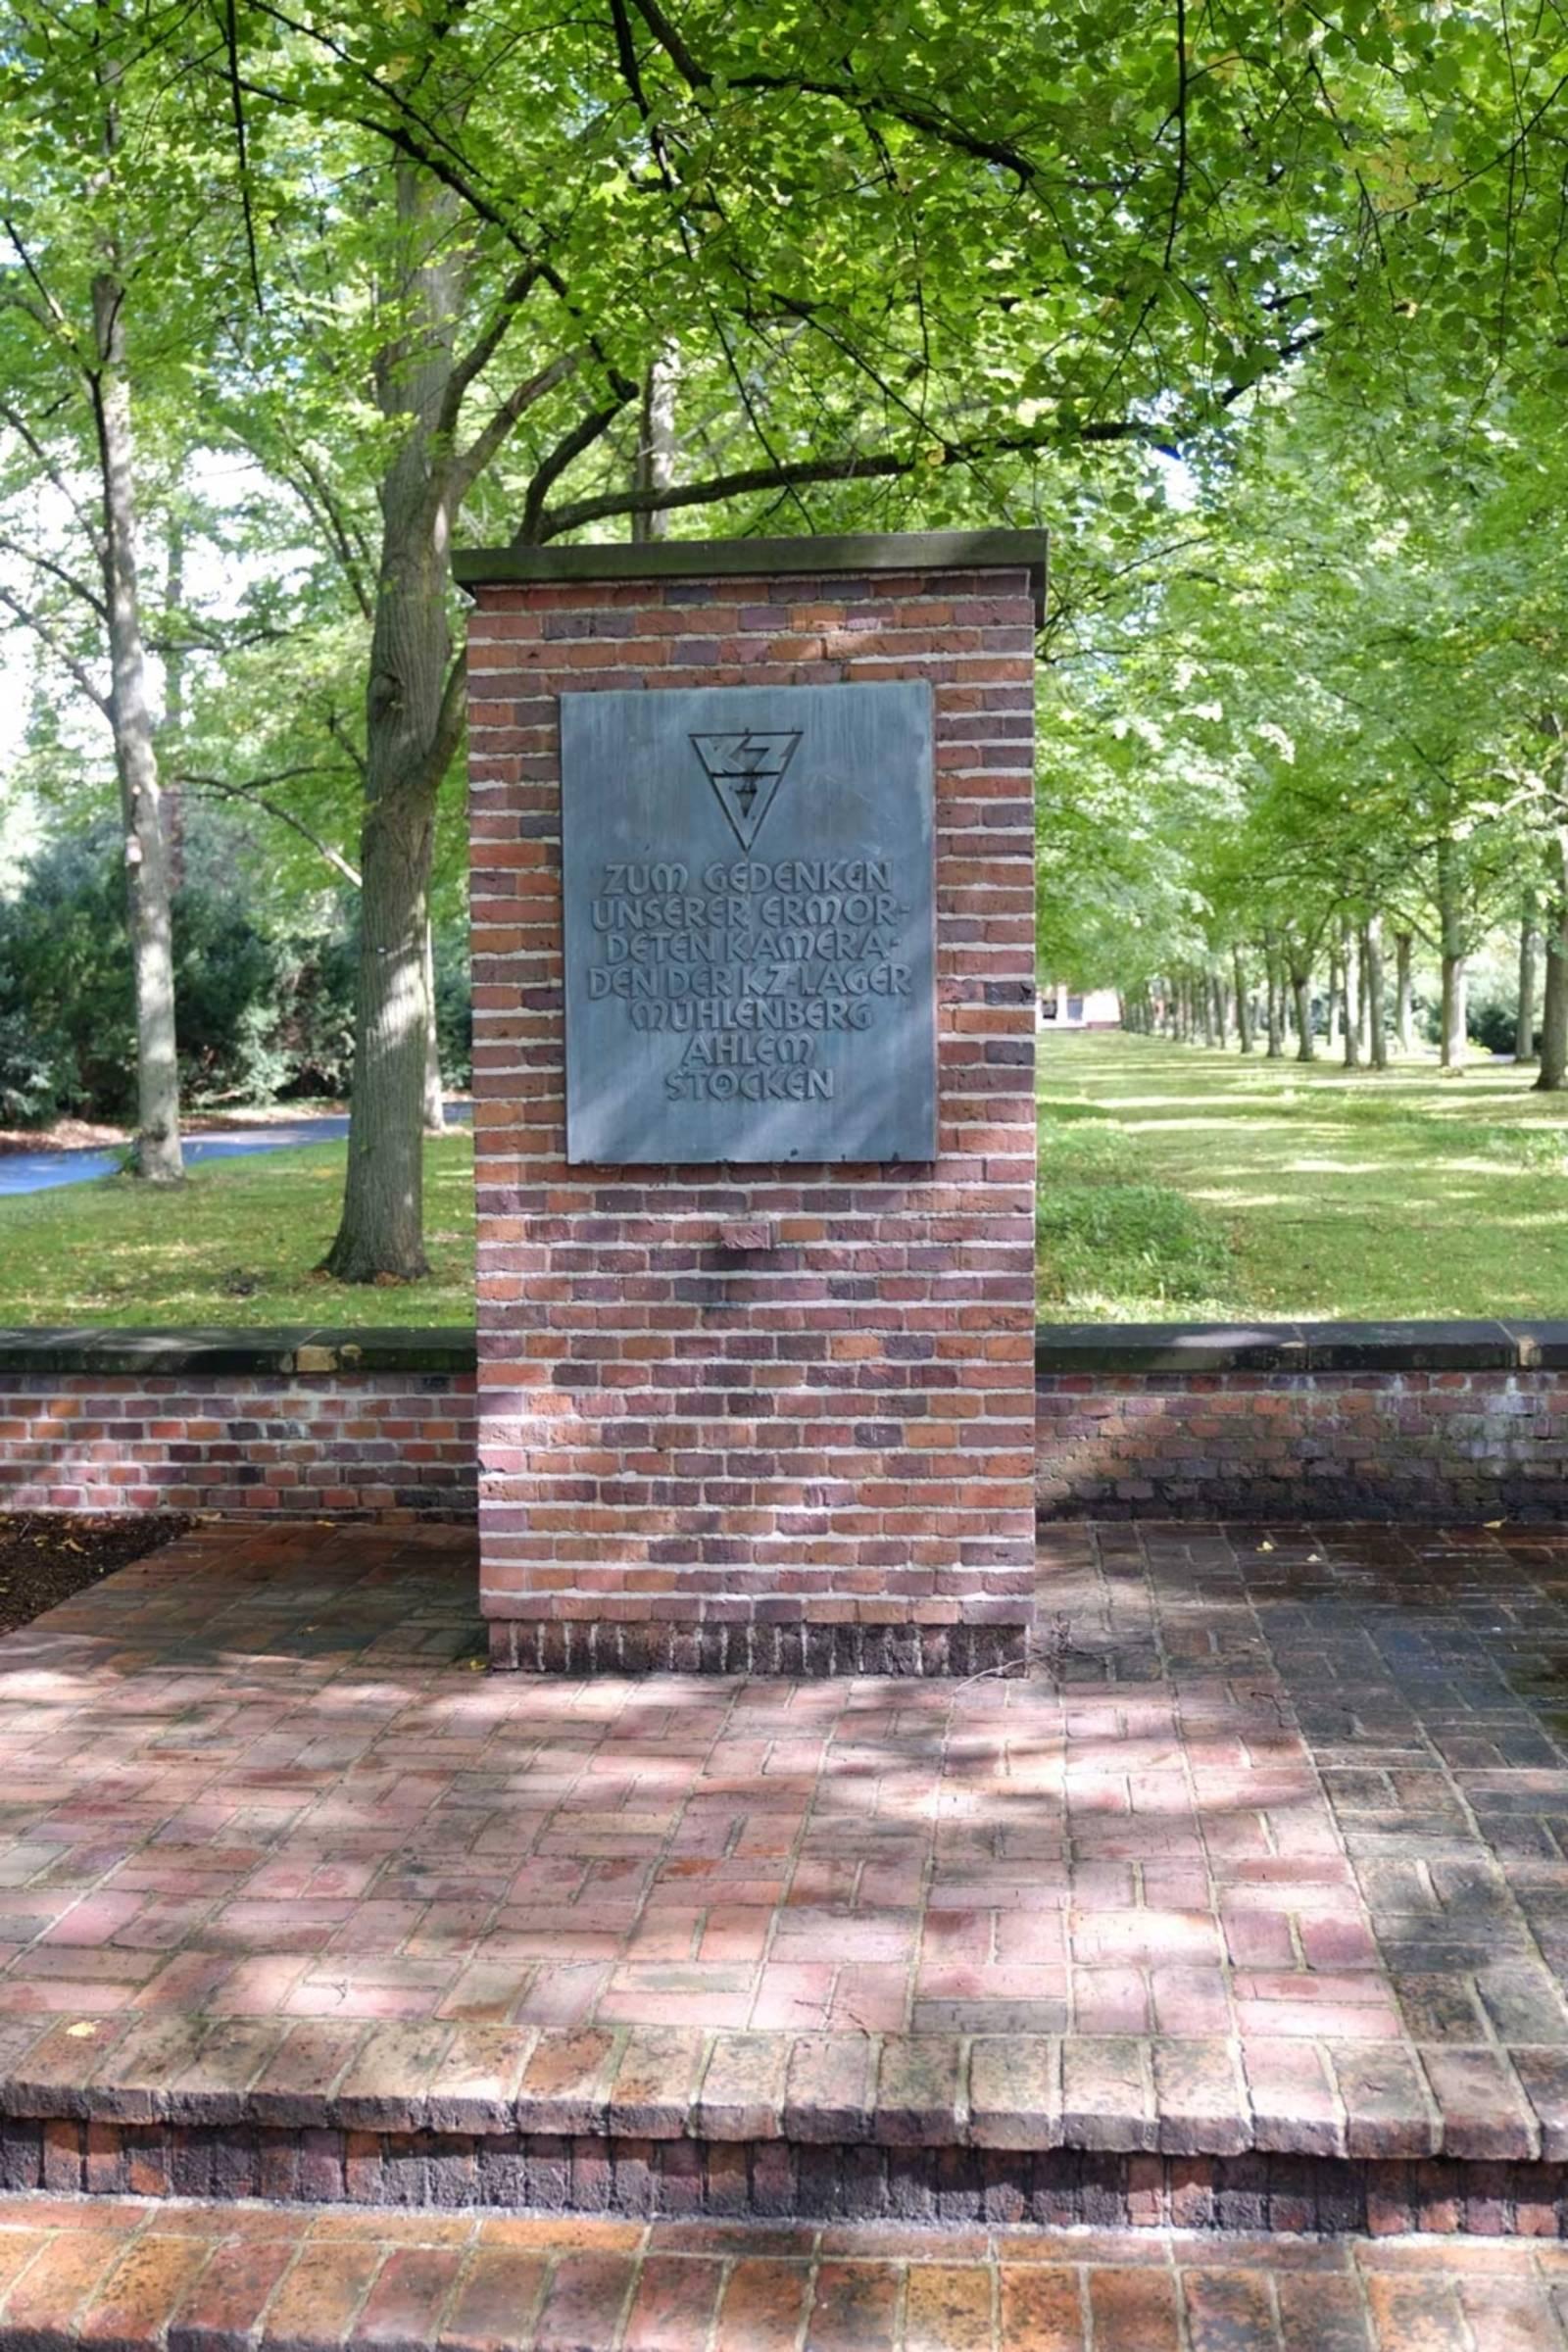 Das 1947 von ehemaligen KZ-Häftlingen errichtete Mahnmal für die Opfer der hannoverschen Konzentrationslager auf dem Friedhof Seelhorst